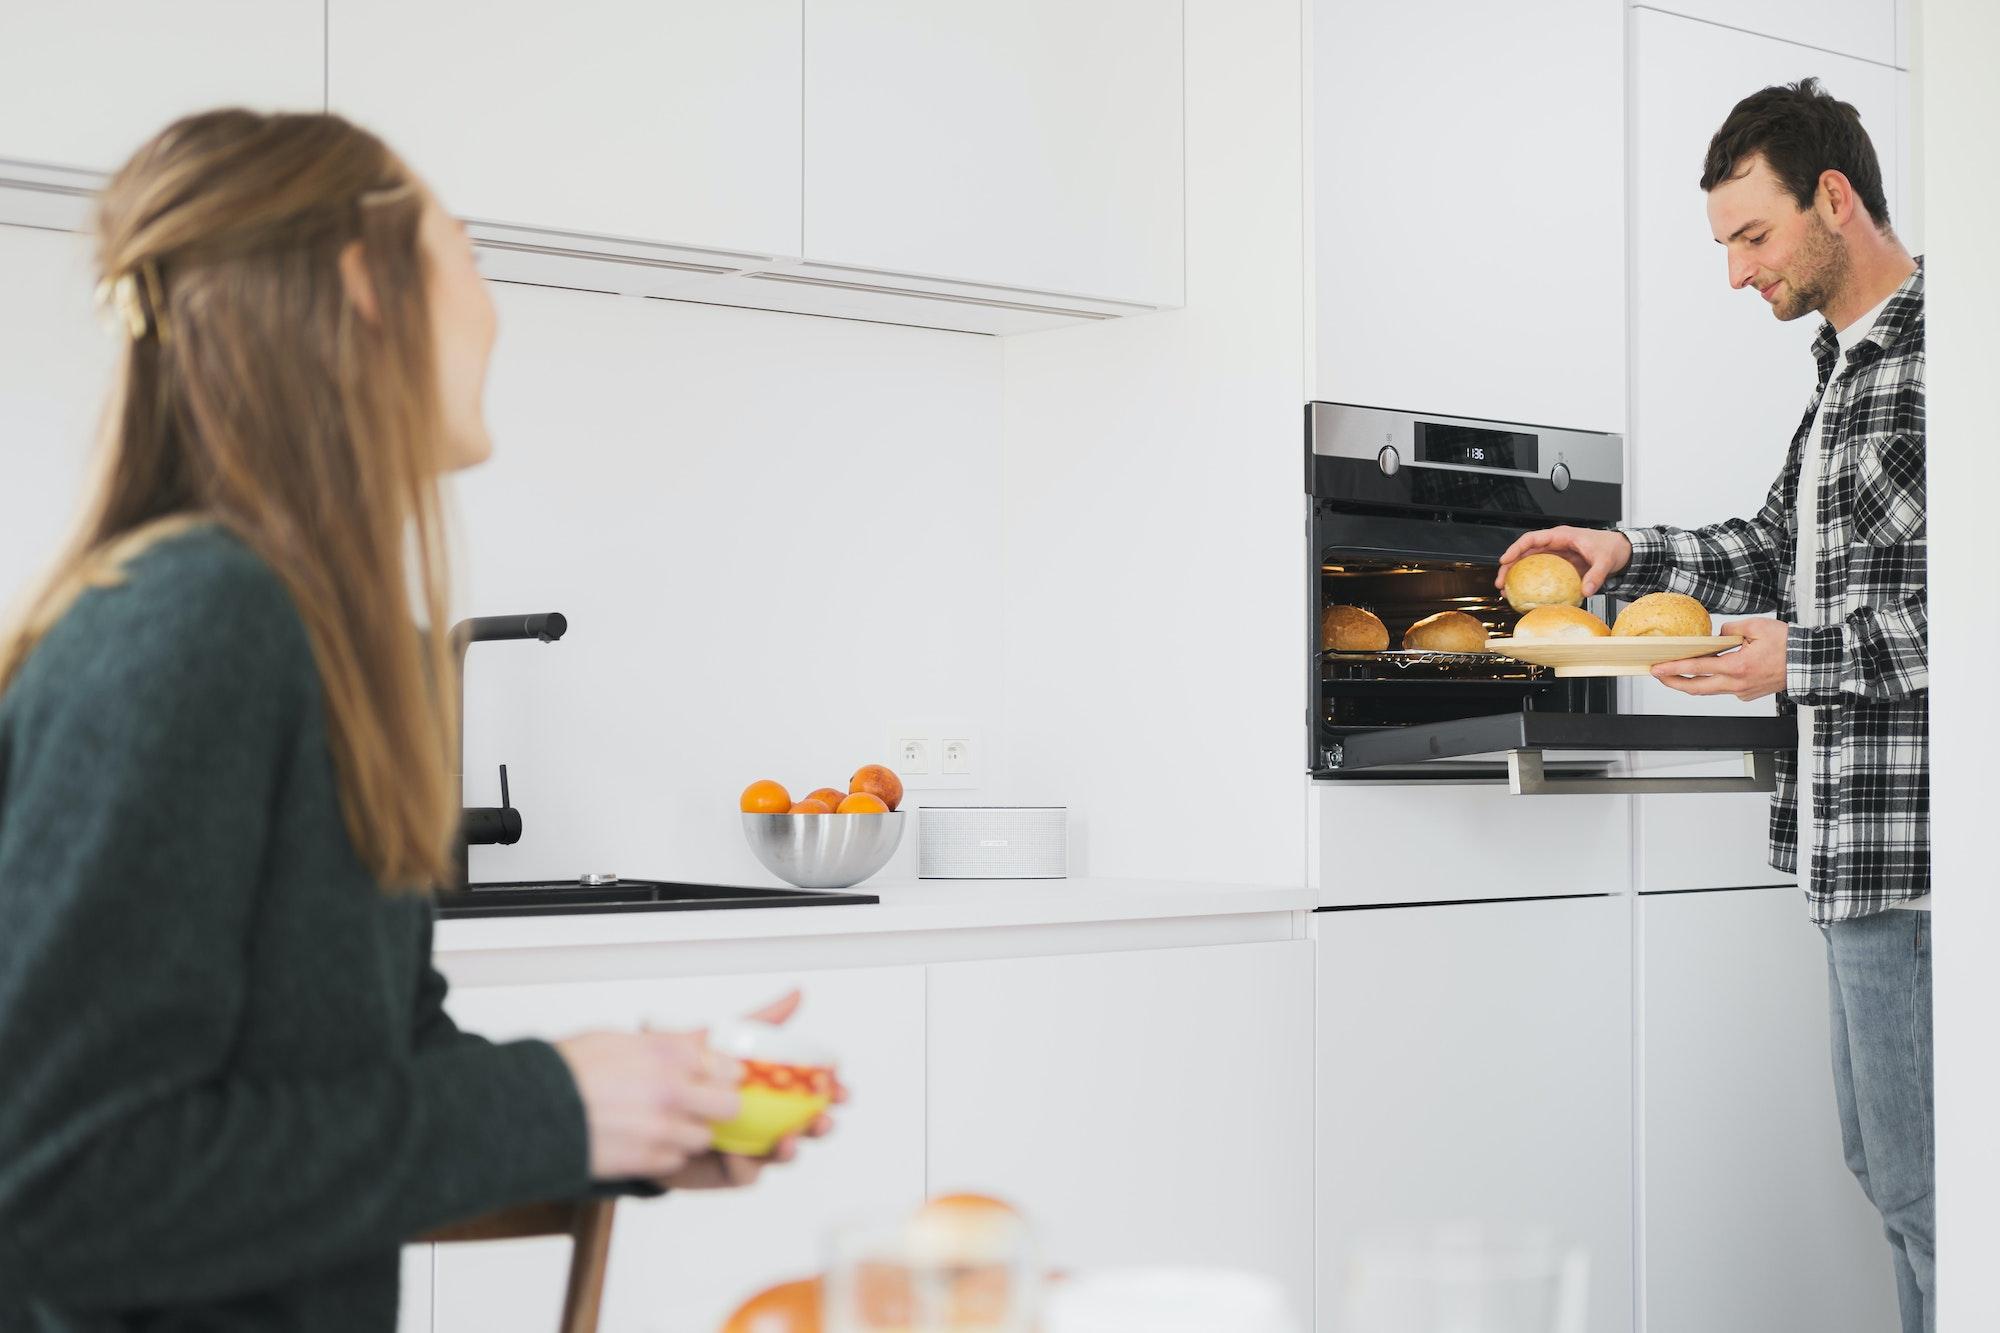 Jong koppel eet brunch in een Skilpod keuken